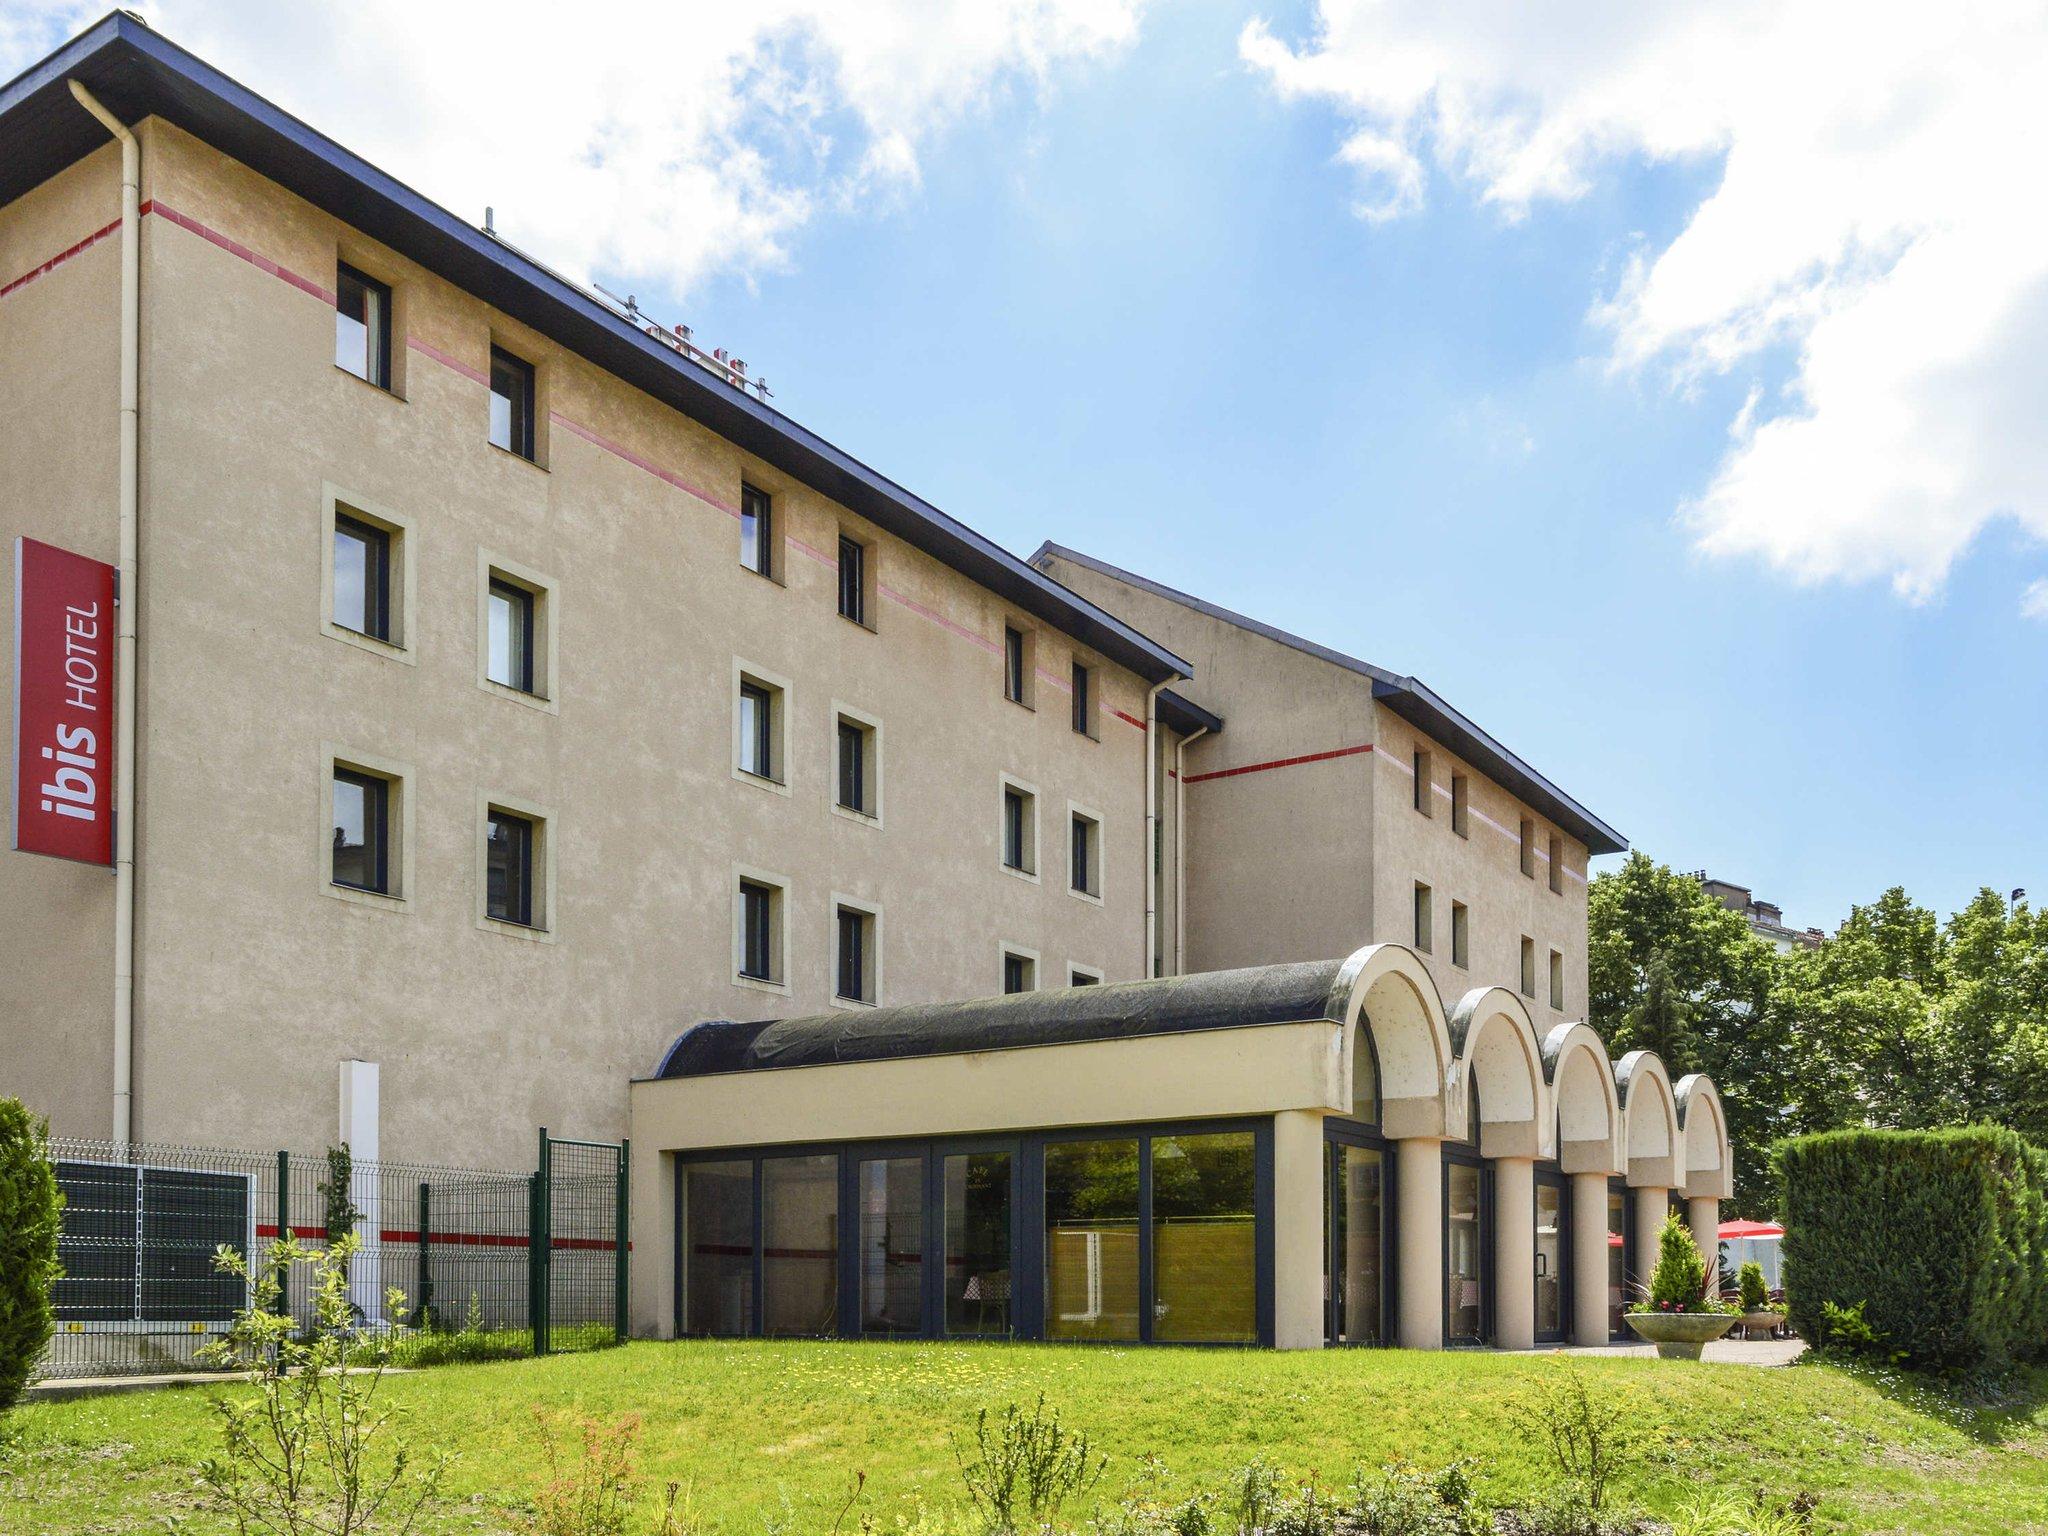 Ibis Hotel Epinal